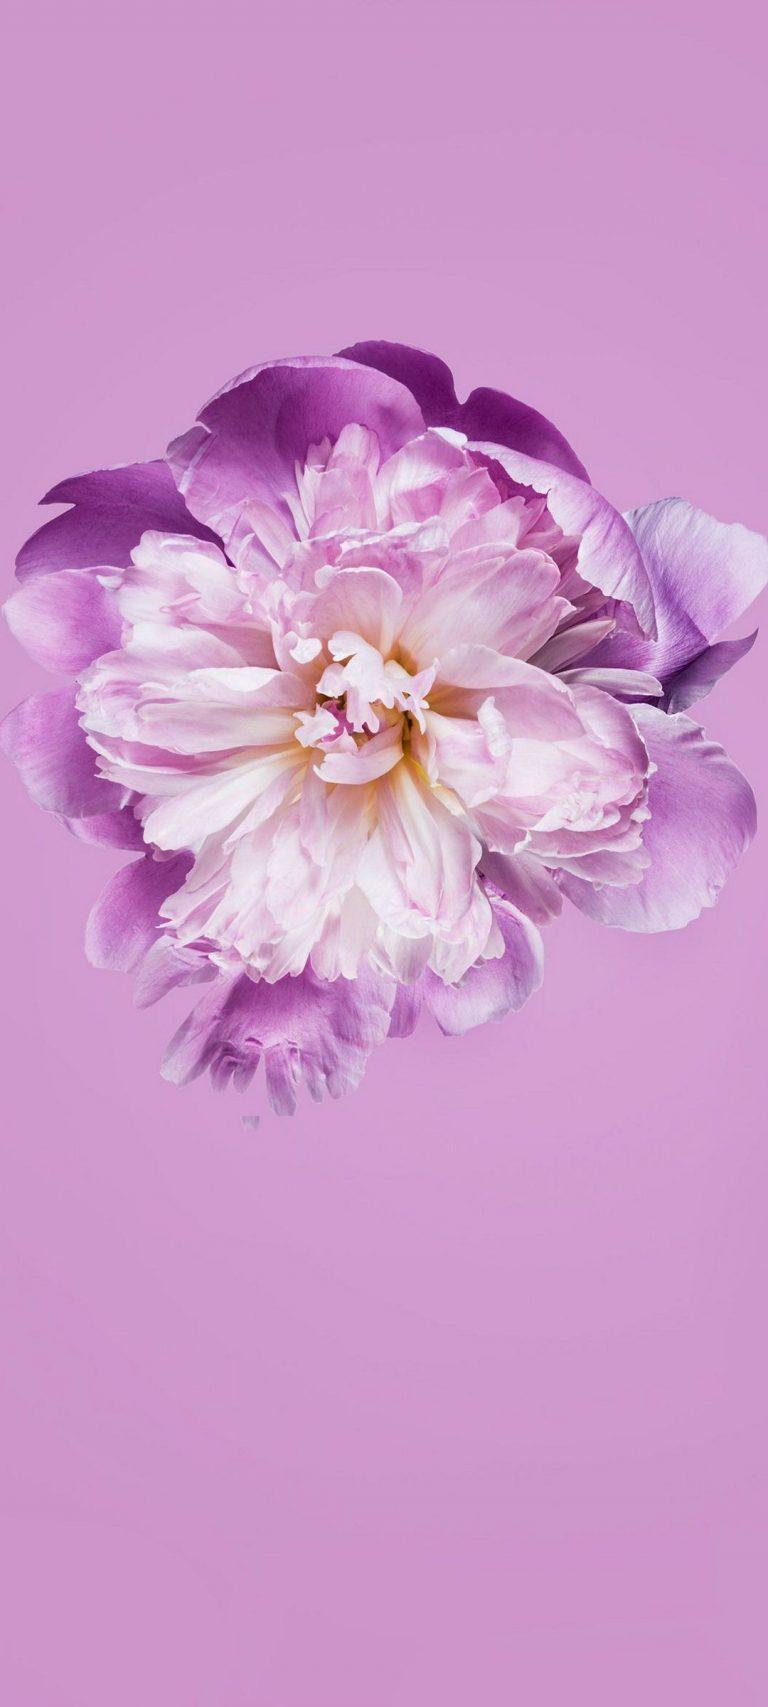 Pink Petals Flower 1080x2400 768x1707